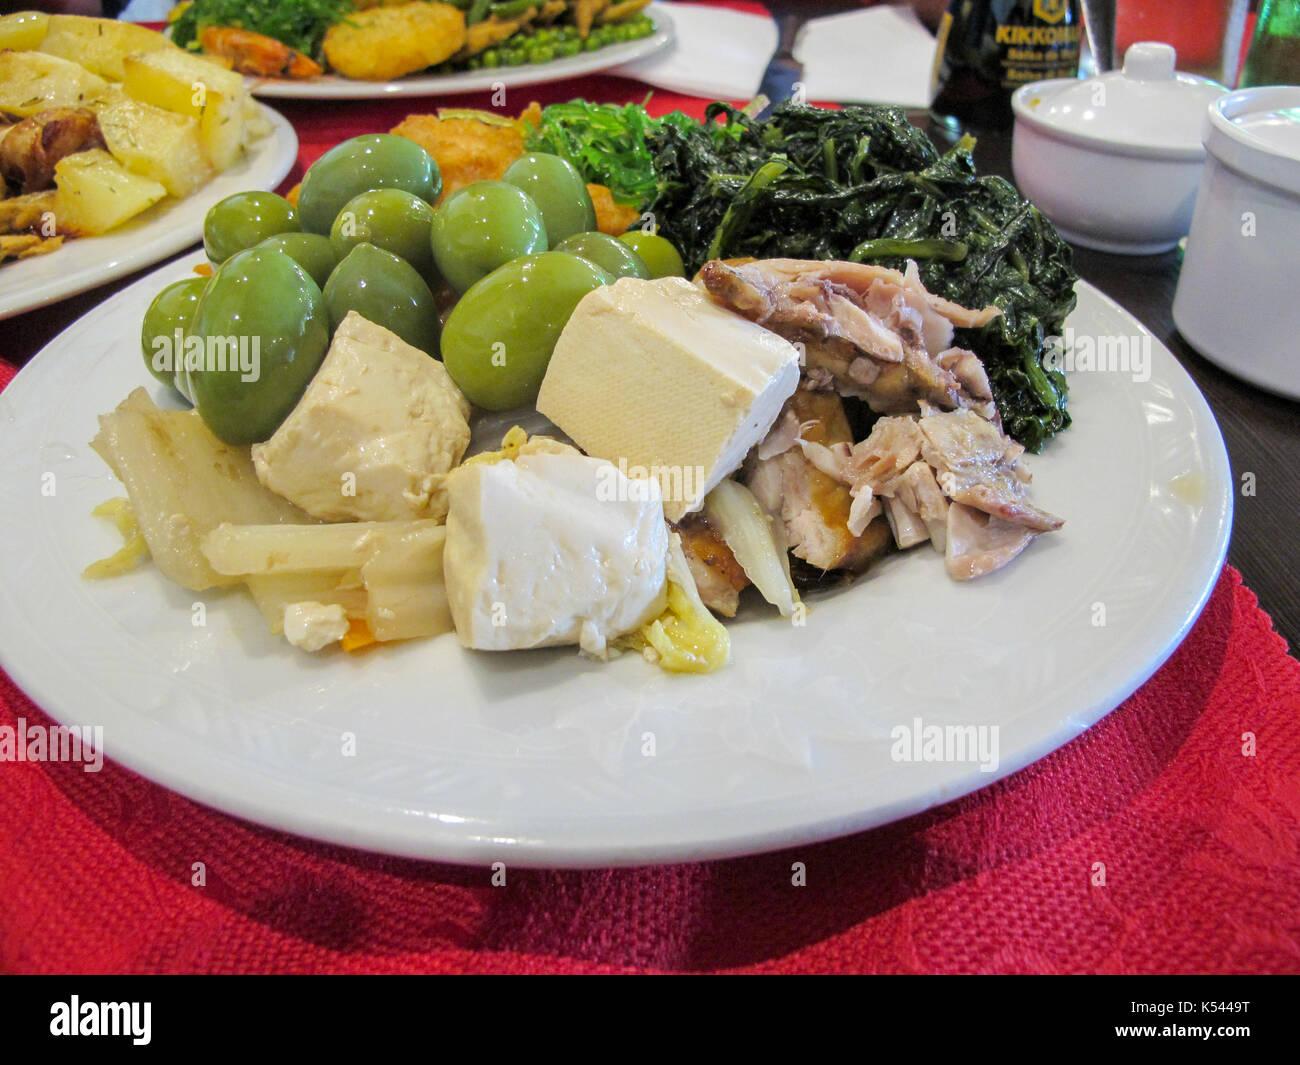 Tutto quello che potete mangiare a buffet - basso costo cena ...